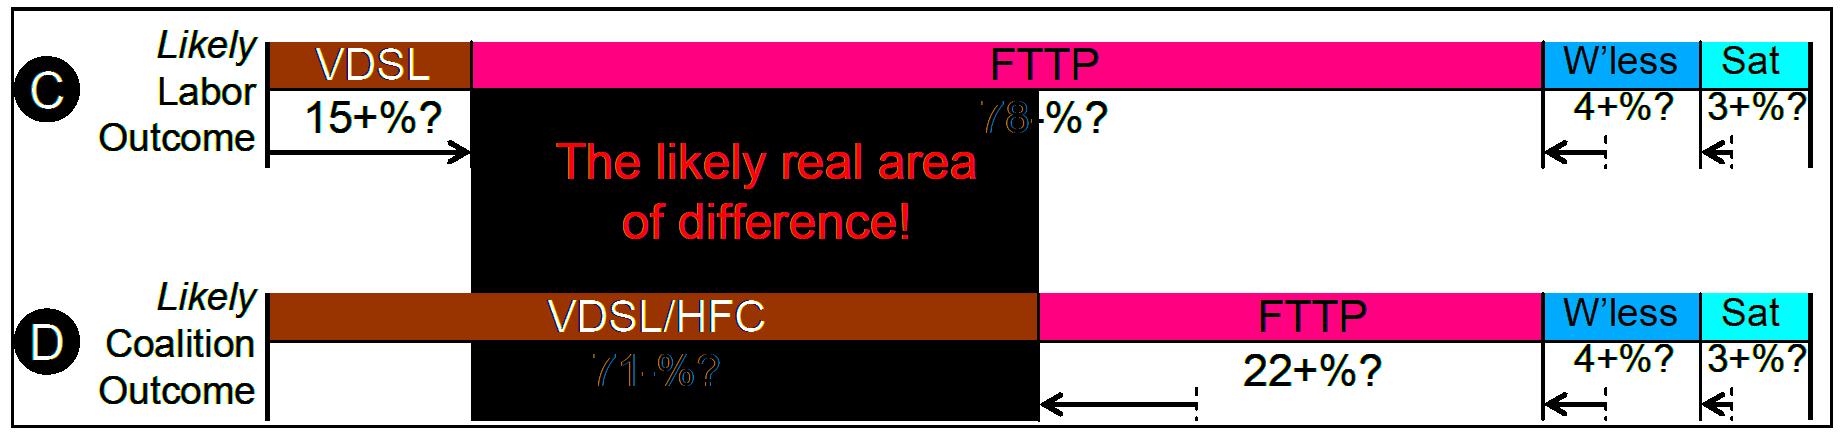 Figure 2. A pragmatic comparison